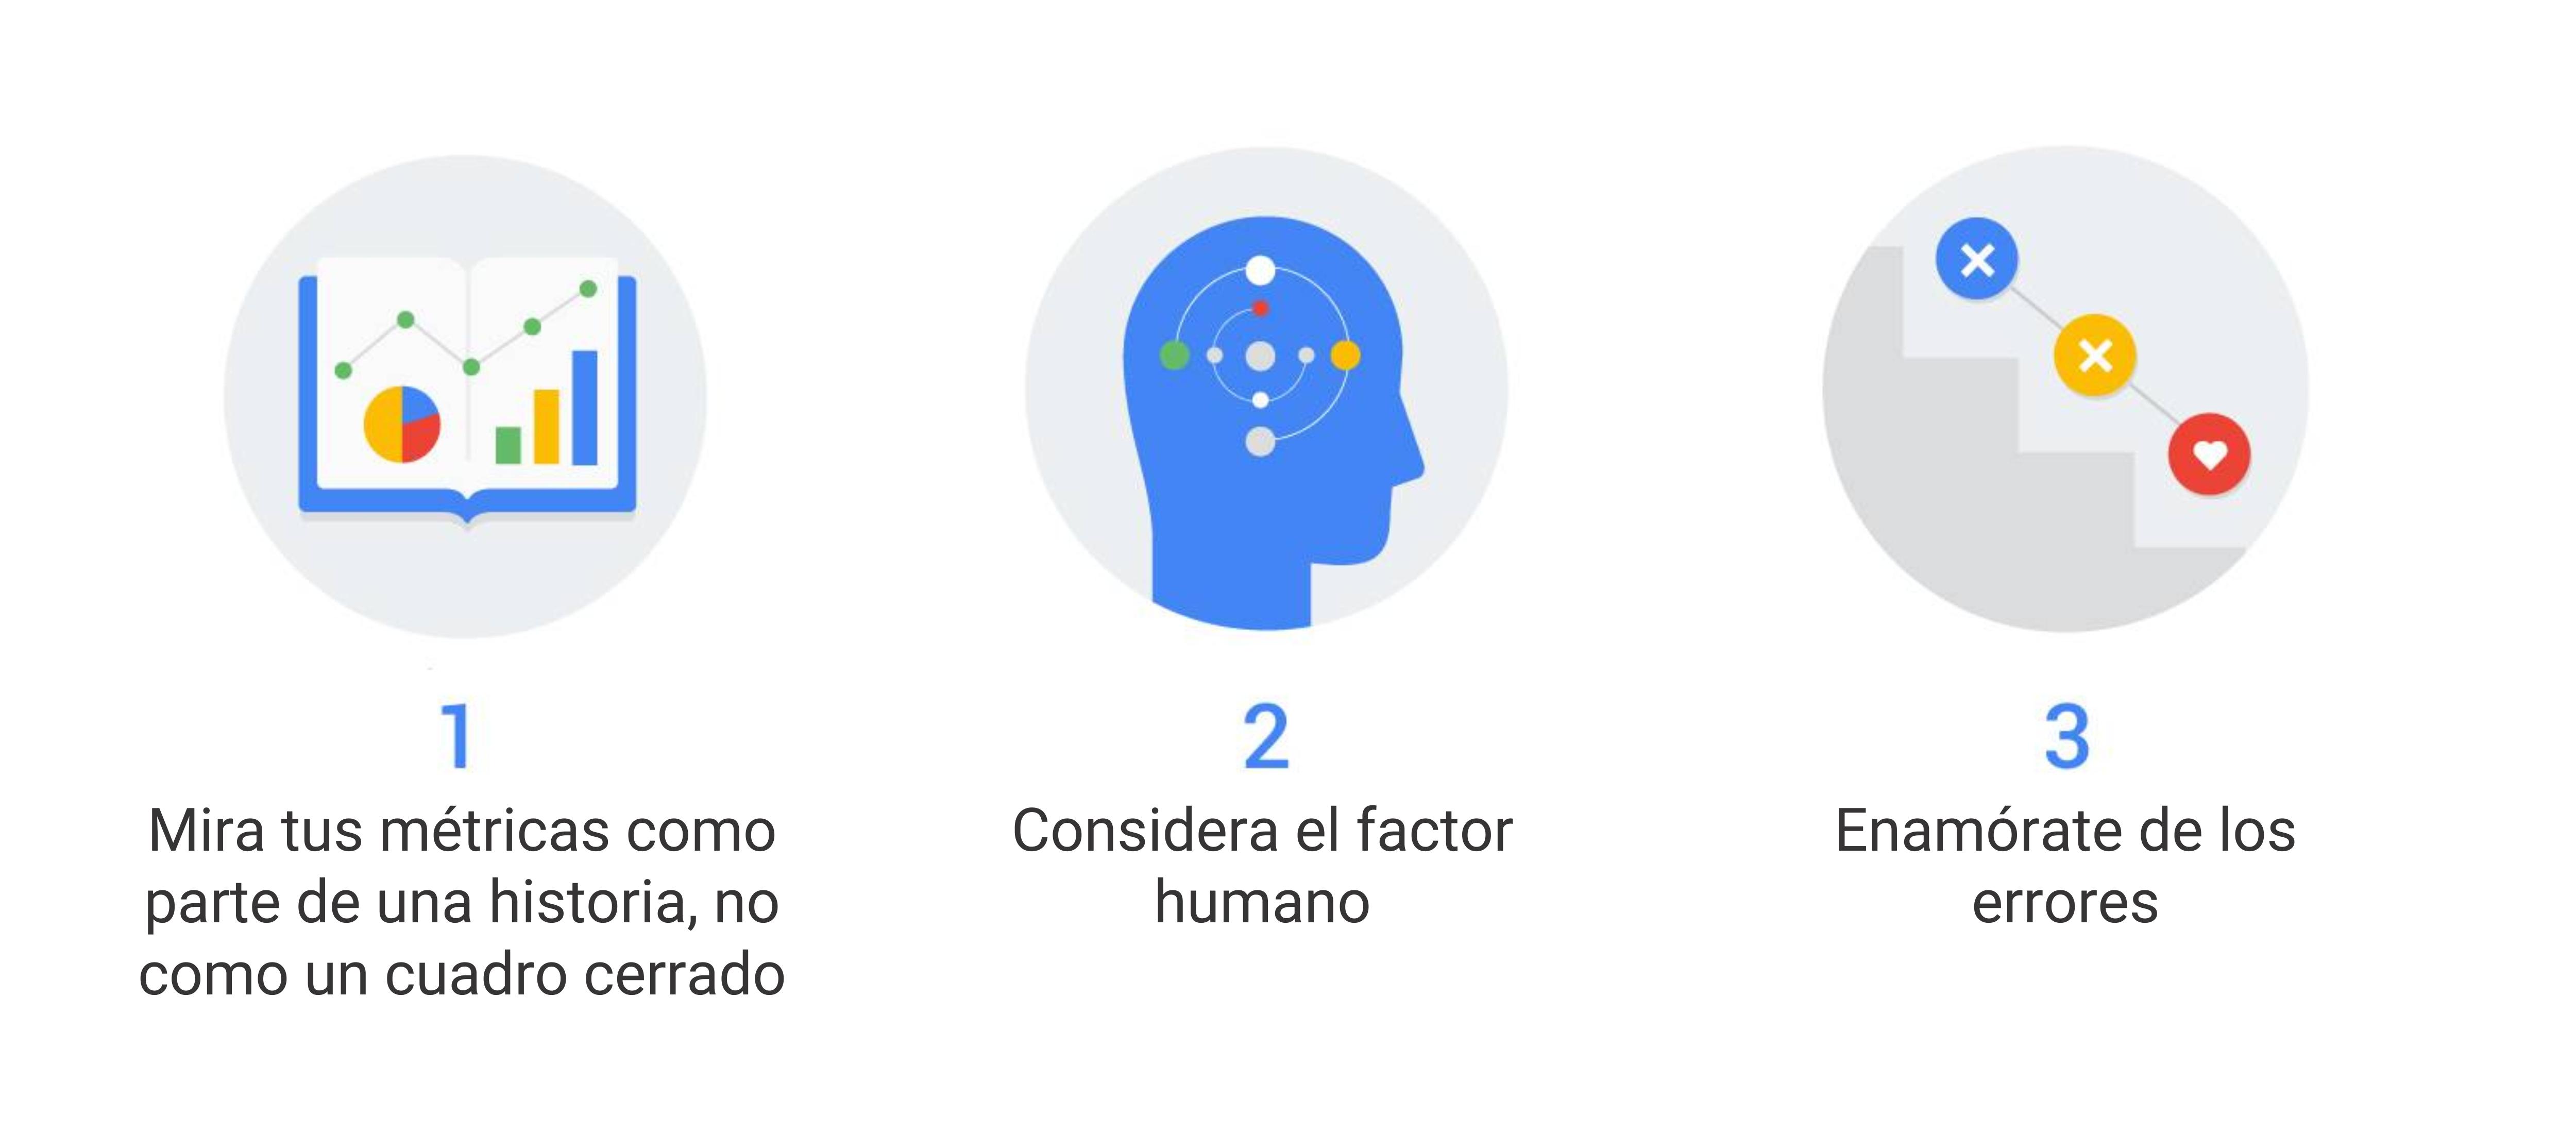 Un libro con gráficos, la silueta de una cabeza y una escalera. Leyenda: 3 tips para convertirse en una organización exitosa centrada en los datos. Mira tus métricas como parte de una historia, no como un cuadro completo.